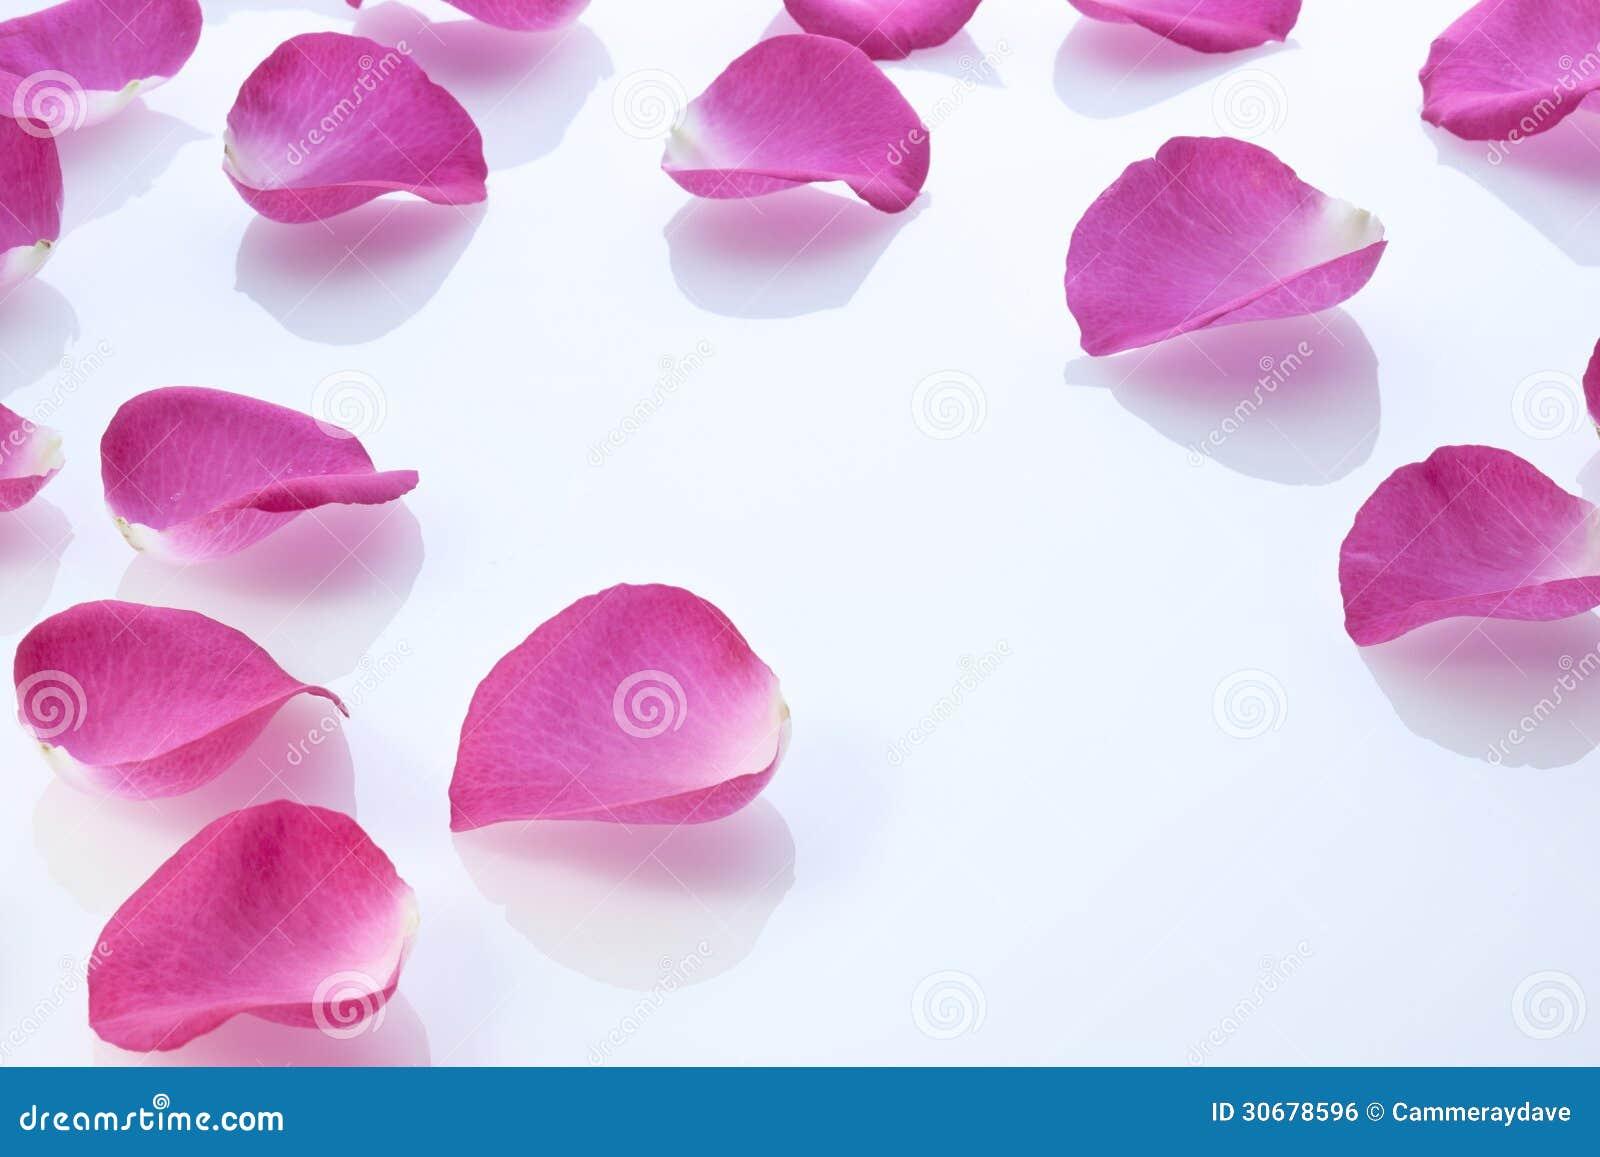 Предпосылка лепестков розы